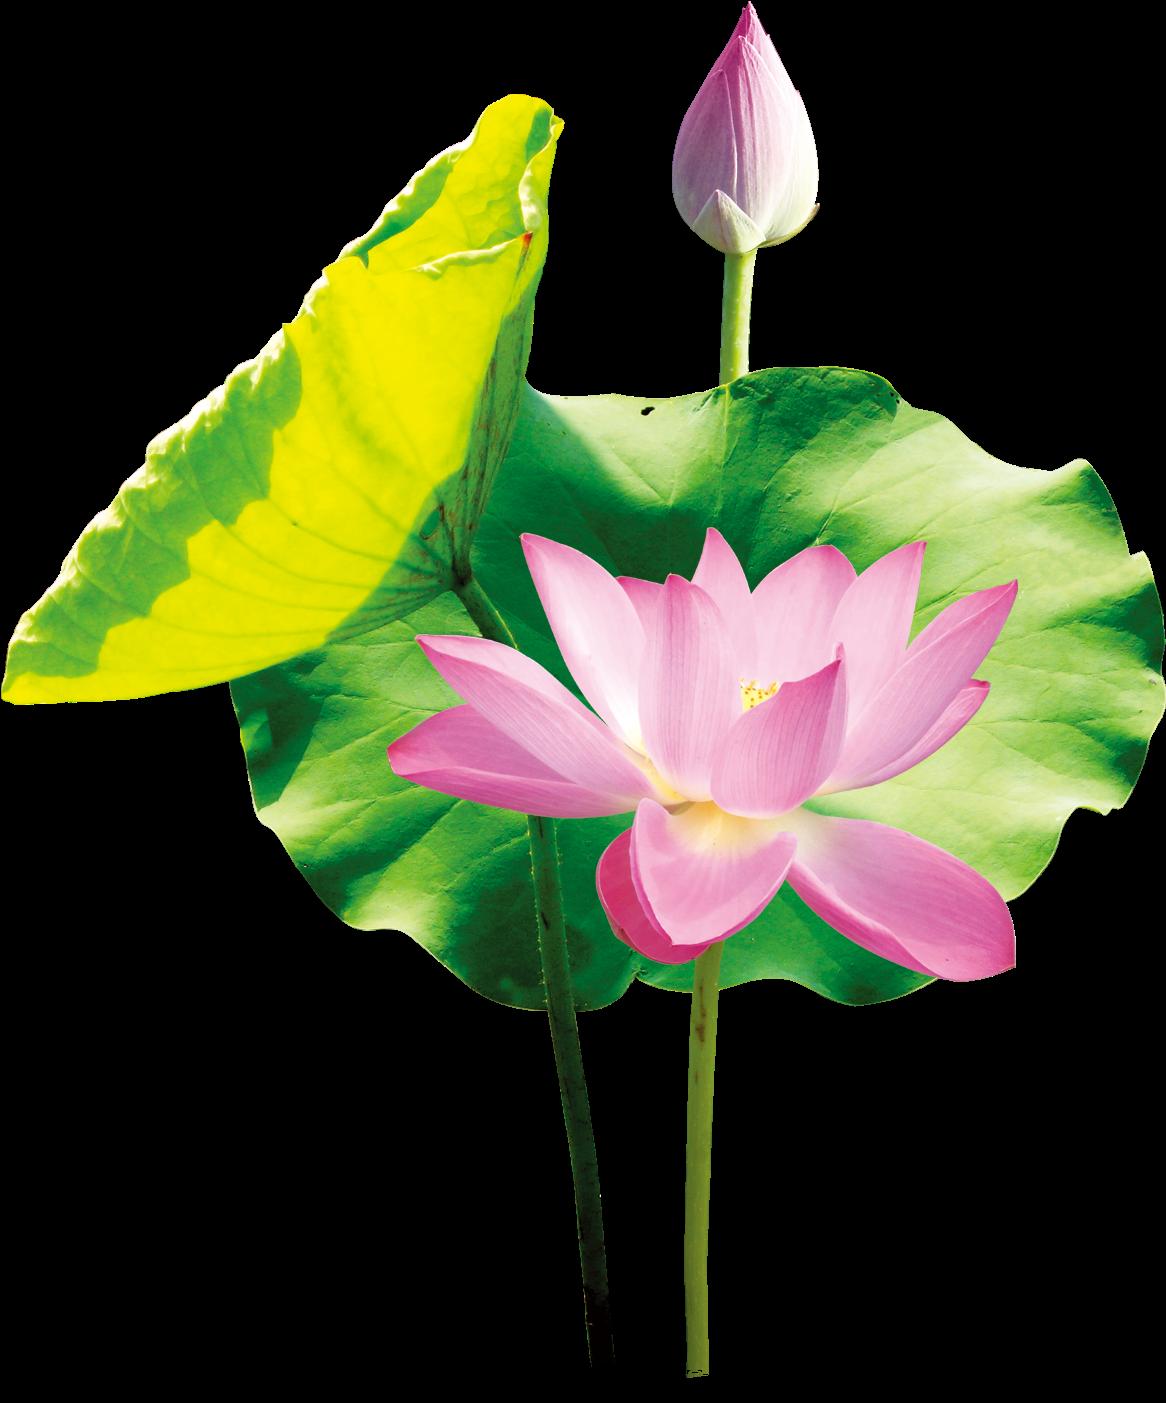 Ảnh cây hoa sen đẹp PNG